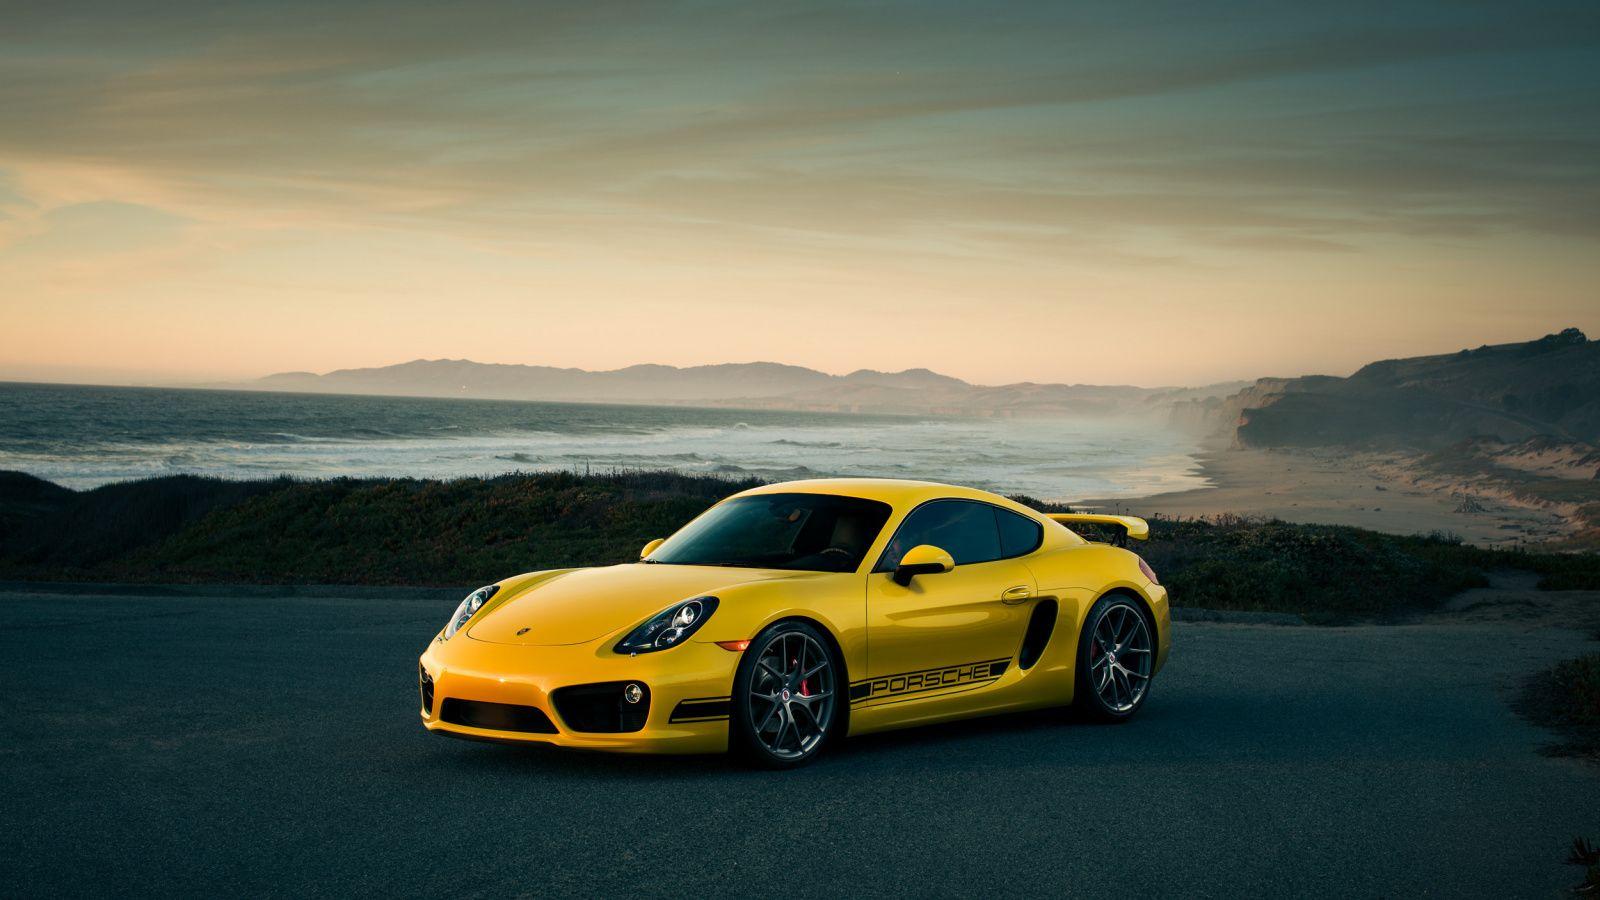 1600x900 Porsche Cayman Yellow Car Off Road Wallpaper Yellow Car Road Wallpaper Offroad